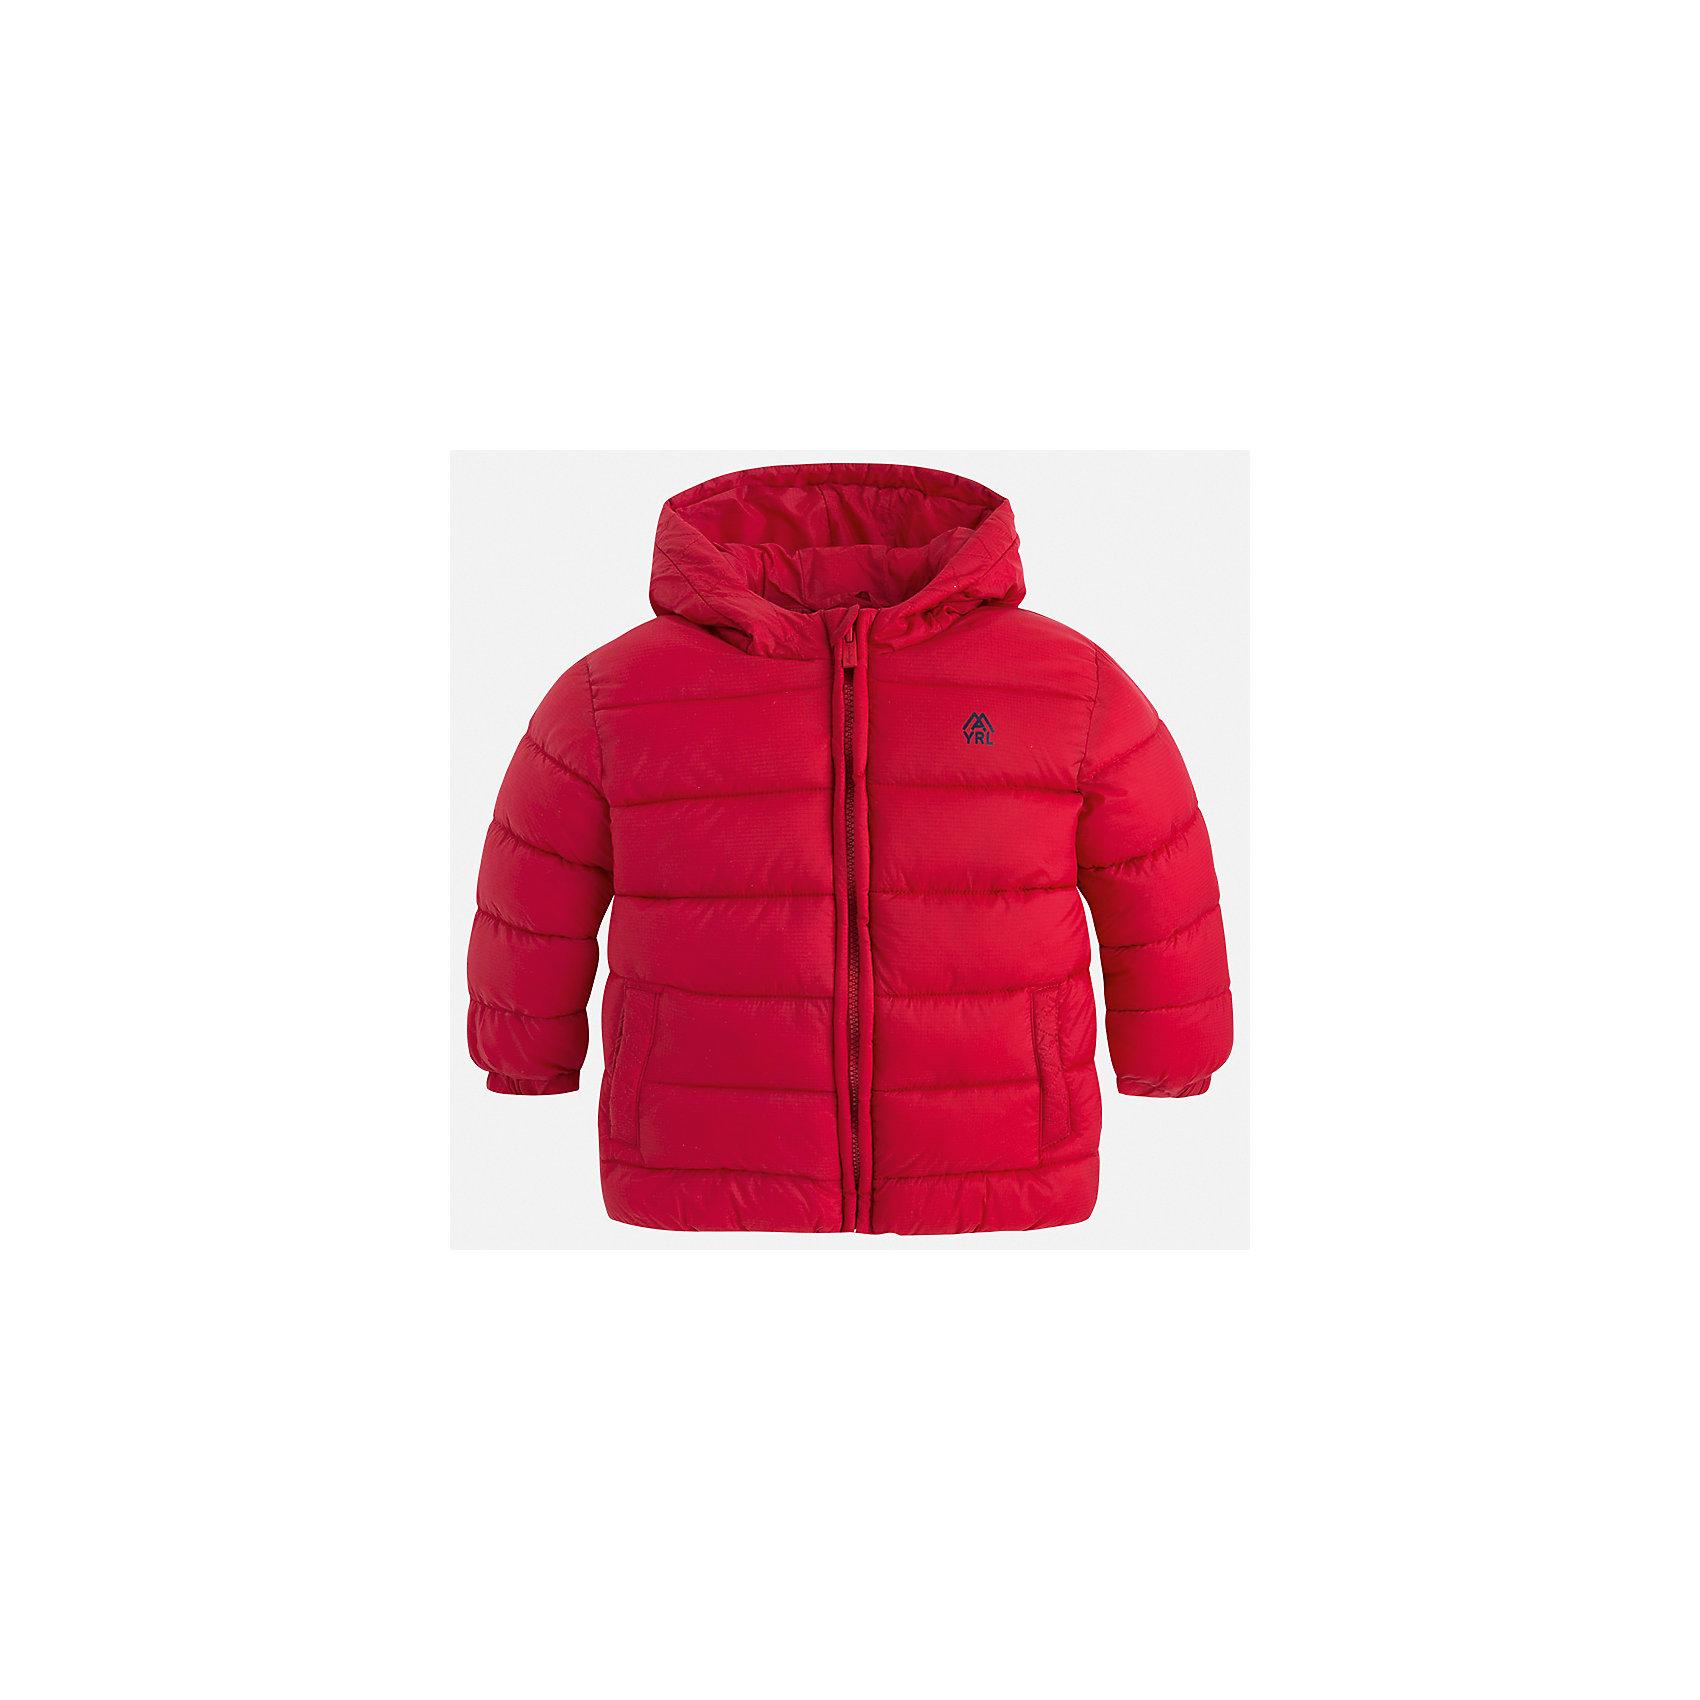 Куртка для мальчика MayoralВерхняя одежда<br>Характеристики товара:<br><br>• цвет: красный;<br>• сезон: демисезон;<br>• состав ткани: 100% полиэстер;<br>• состав подкладки: 100% полиэстер;<br>• стеганая;<br>• капюшон: без меха, не отстегивается;<br>• страна бренда: Испания;<br>• страна изготовитель: Бангладеш.<br><br>Демисезонная куртка для мальчика от популярного бренда Mayoral несомненно понравится вам и вашему ребенку. Качественные ткани, безупречное исполнение, все модели в центре модных тенденций. Внешняя ткань плащевая, подкладка из флиса, аккуратные швы. Рукава на внутренней манжете. Застегивается на замок-молнию, капюшон не отстегивается. <br><br>Легкая и теплая куртка с капюшоном и карманами на холодную осень-весну. Грамотный крой изделия обеспечивает отличную посадку по фигуре.<br><br>Куртку  для мальчика Mayoral (Майорал) можно купить в нашем интернет-магазине.<br><br>Ширина мм: 356<br>Глубина мм: 10<br>Высота мм: 245<br>Вес г: 519<br>Цвет: красный<br>Возраст от месяцев: 96<br>Возраст до месяцев: 108<br>Пол: Мужской<br>Возраст: Детский<br>Размер: 134,92,98,104,110,116,122,128<br>SKU: 6931918